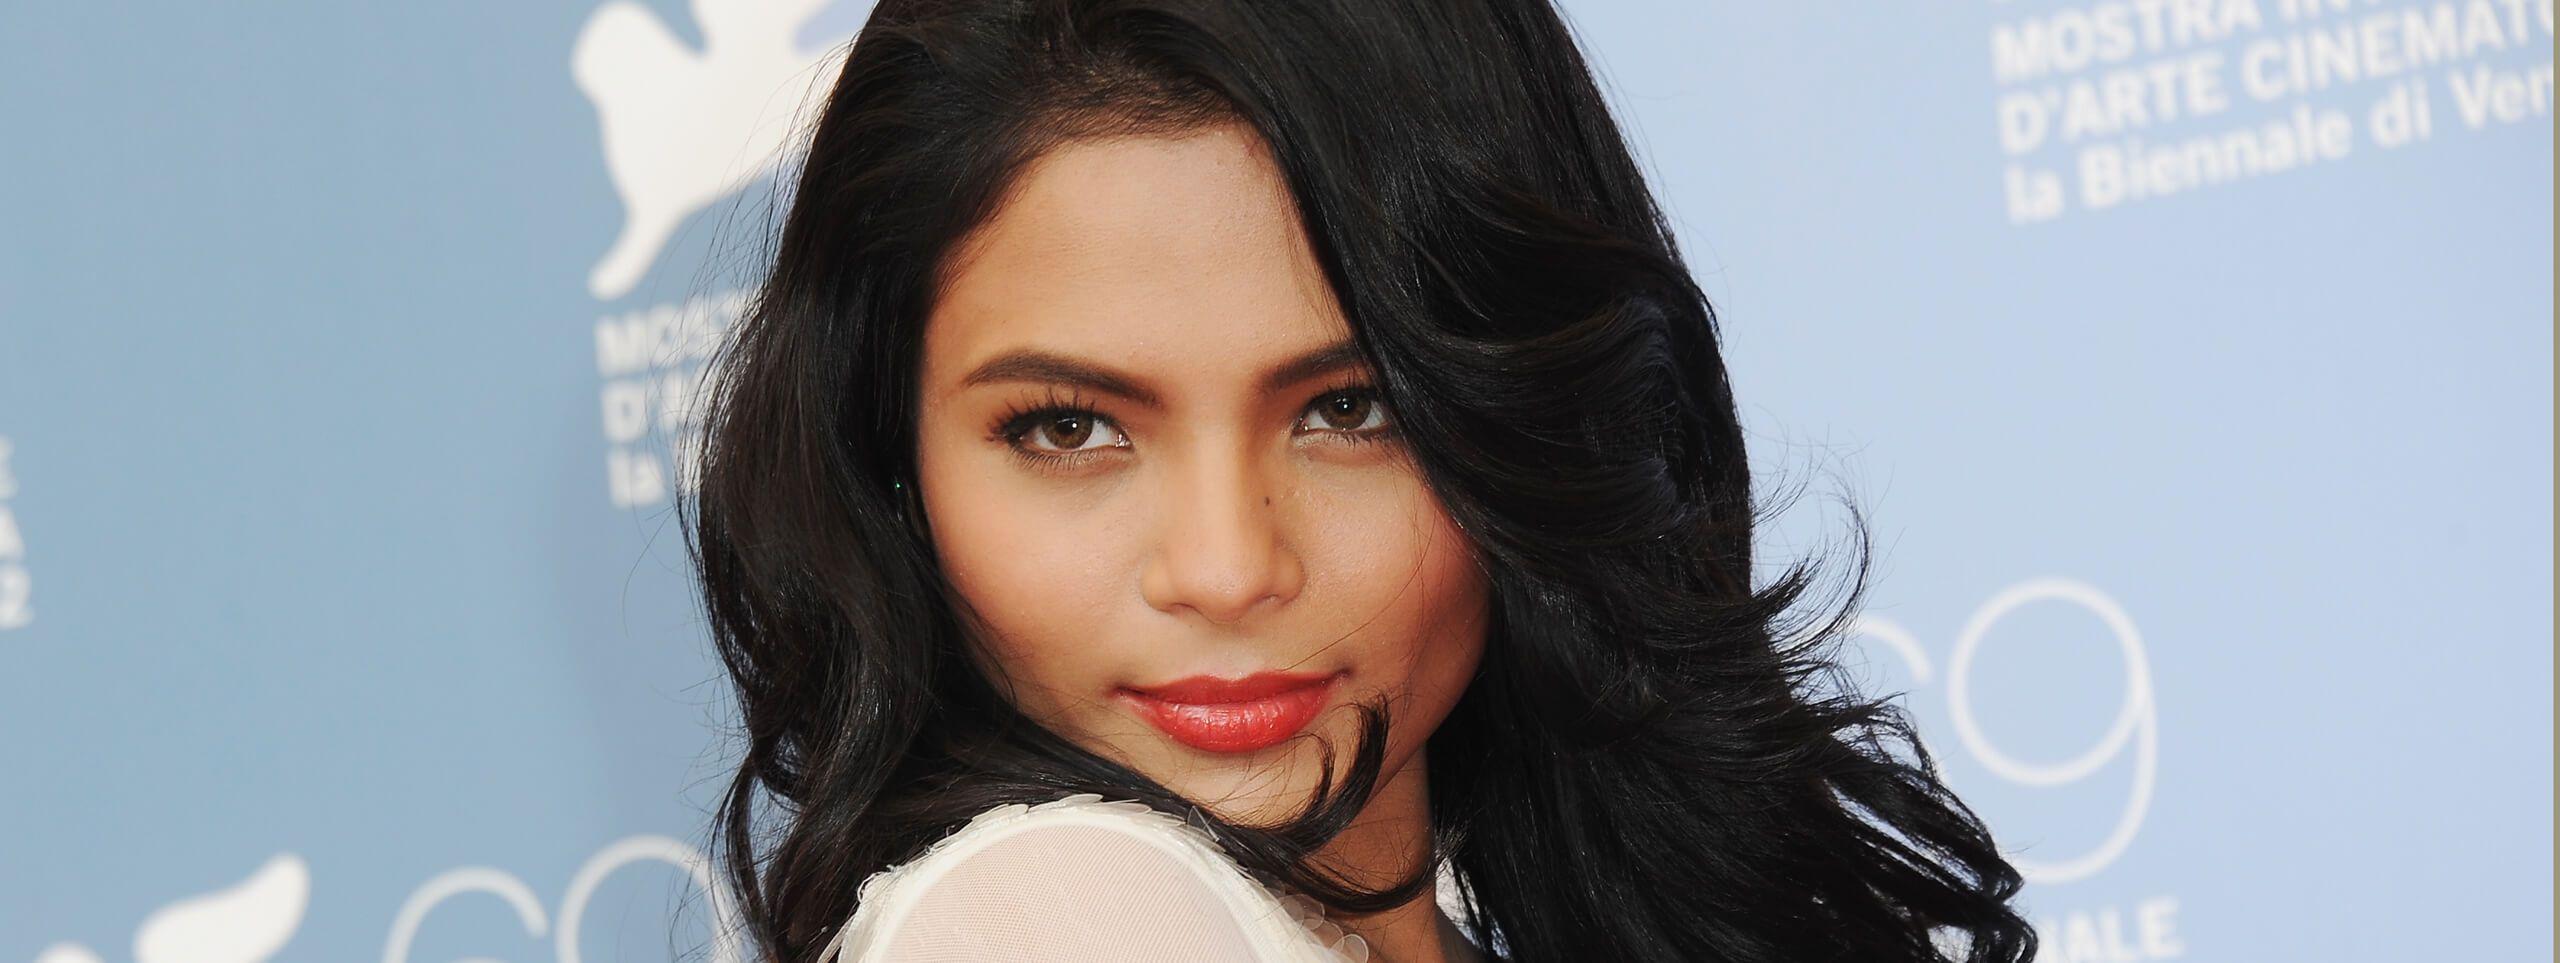 Kobieta z lekko falowanymi czarnymi włosami